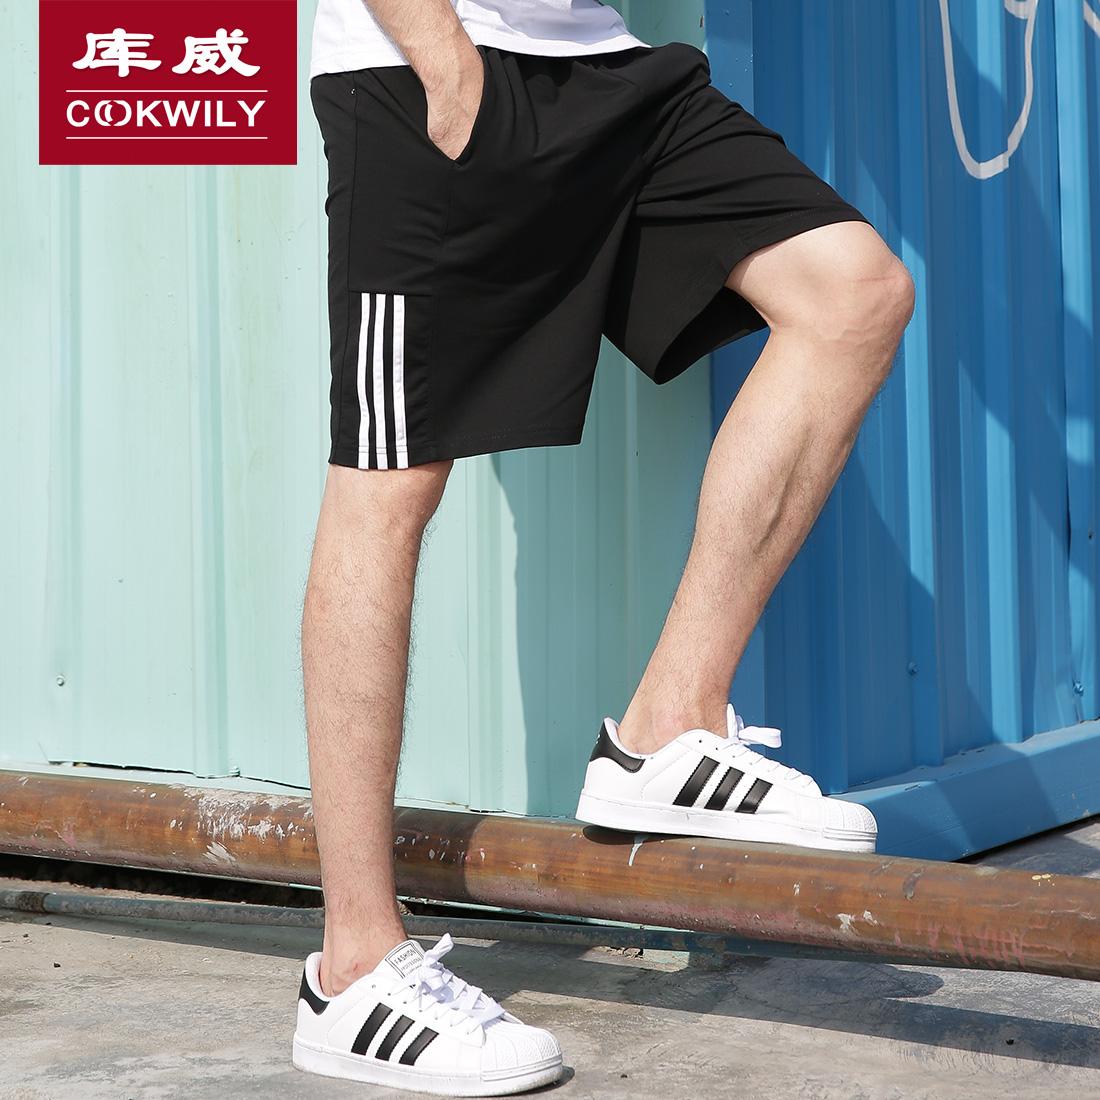 热销10件限时秒杀库威夏季男士短裤运动五分裤中裤子